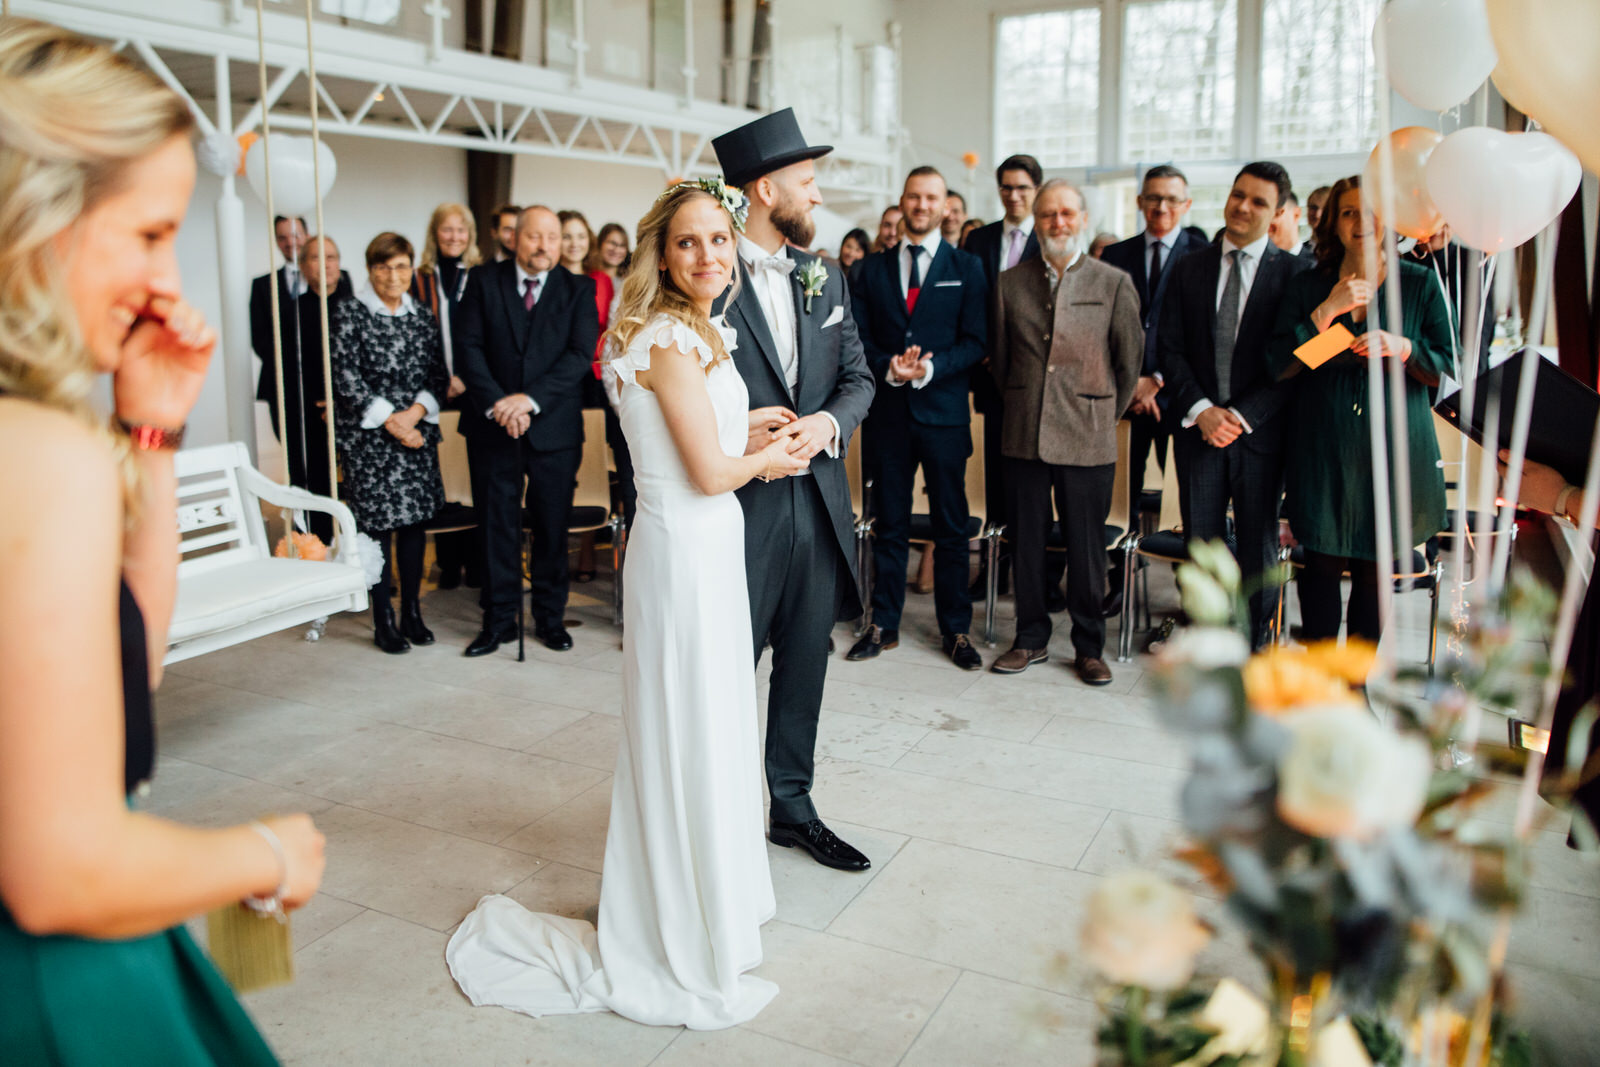 Hochzeitsfotograf_Rödental_Alte_Mühle_Alte_Orangerie_Schloss_Rosenau_100227237.JPG